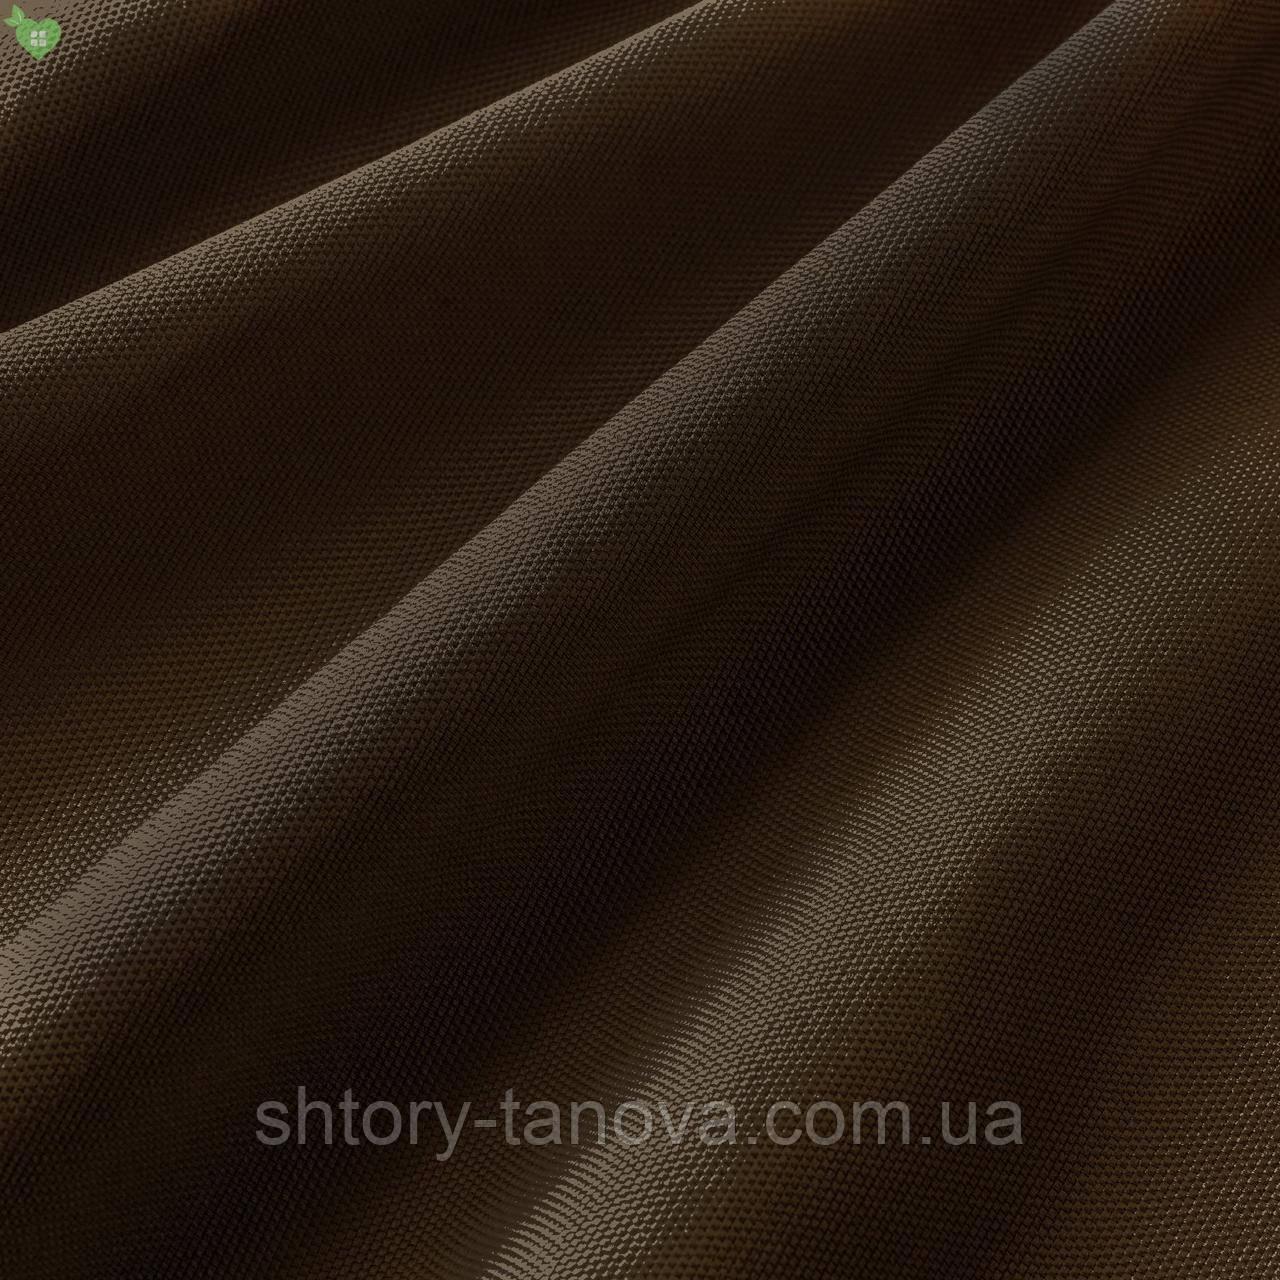 Уличная ткань фактурная коричневого цвета для штор на веранду